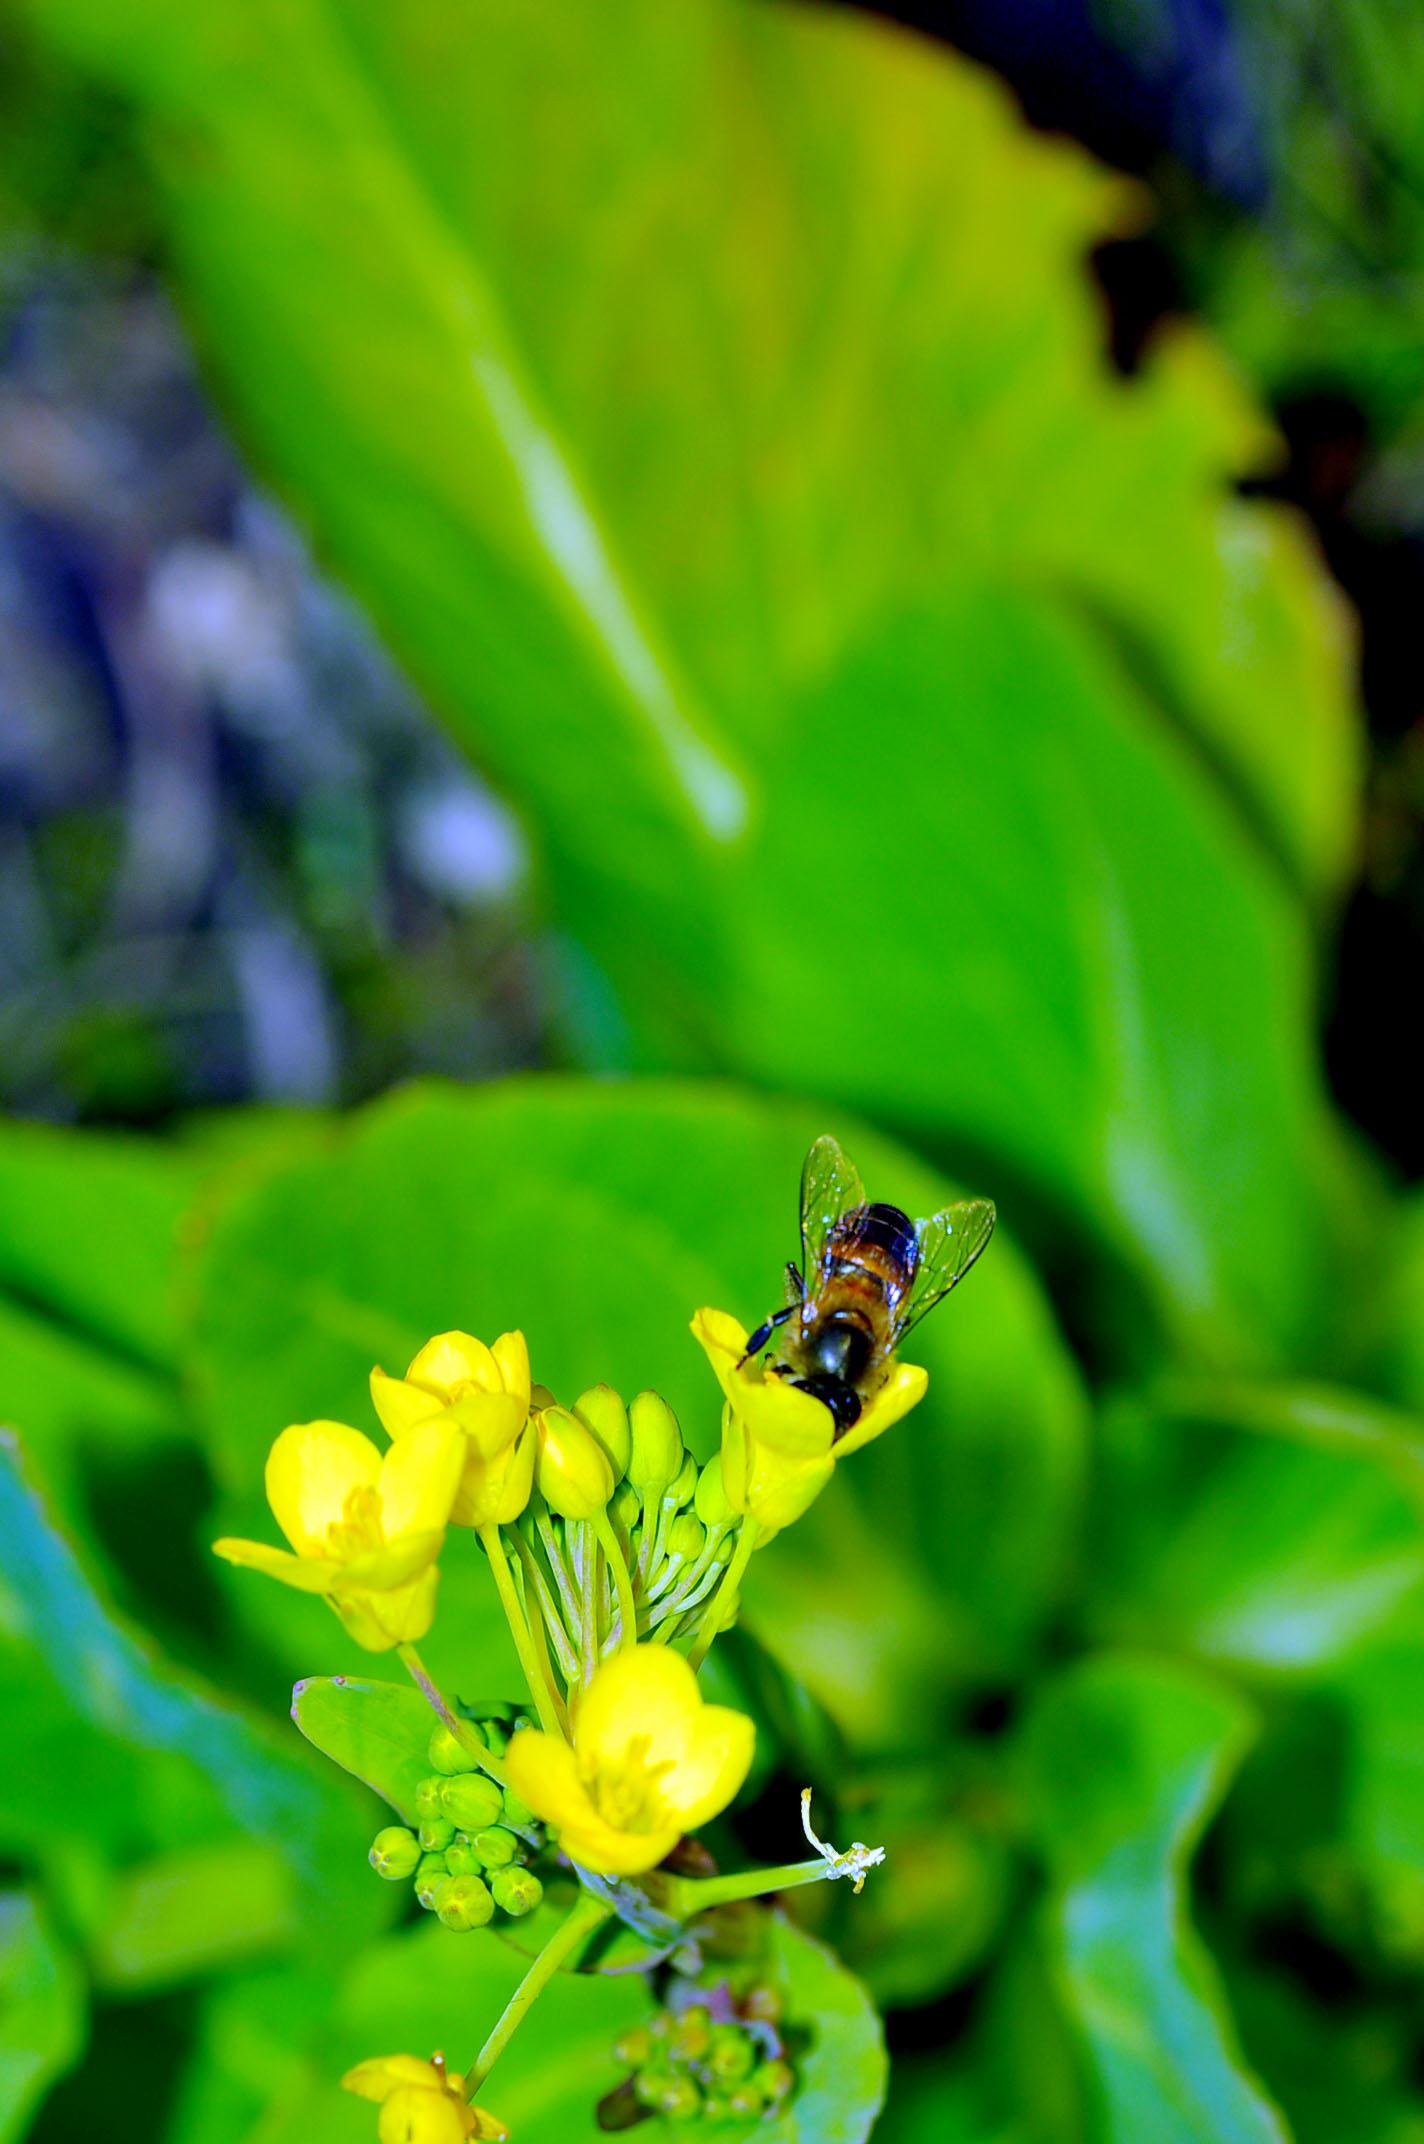 一只小蜜蜂 飞在花丛中